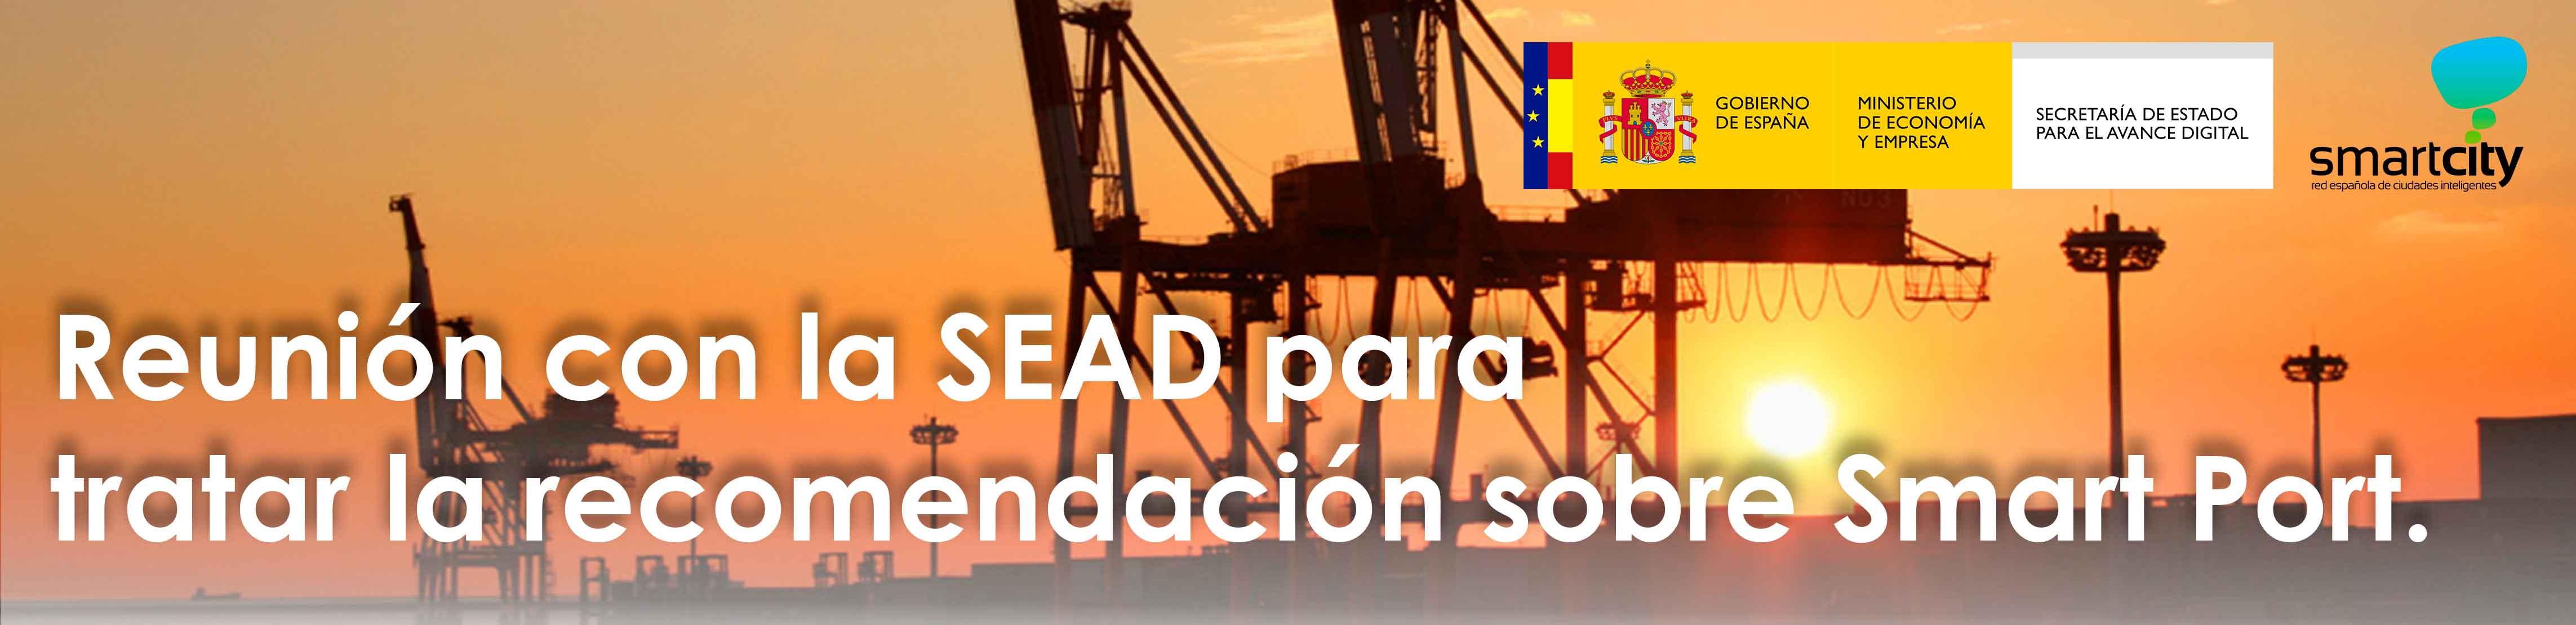 Reunión con la SEAD para tratar la recomendación sobre Smart Port